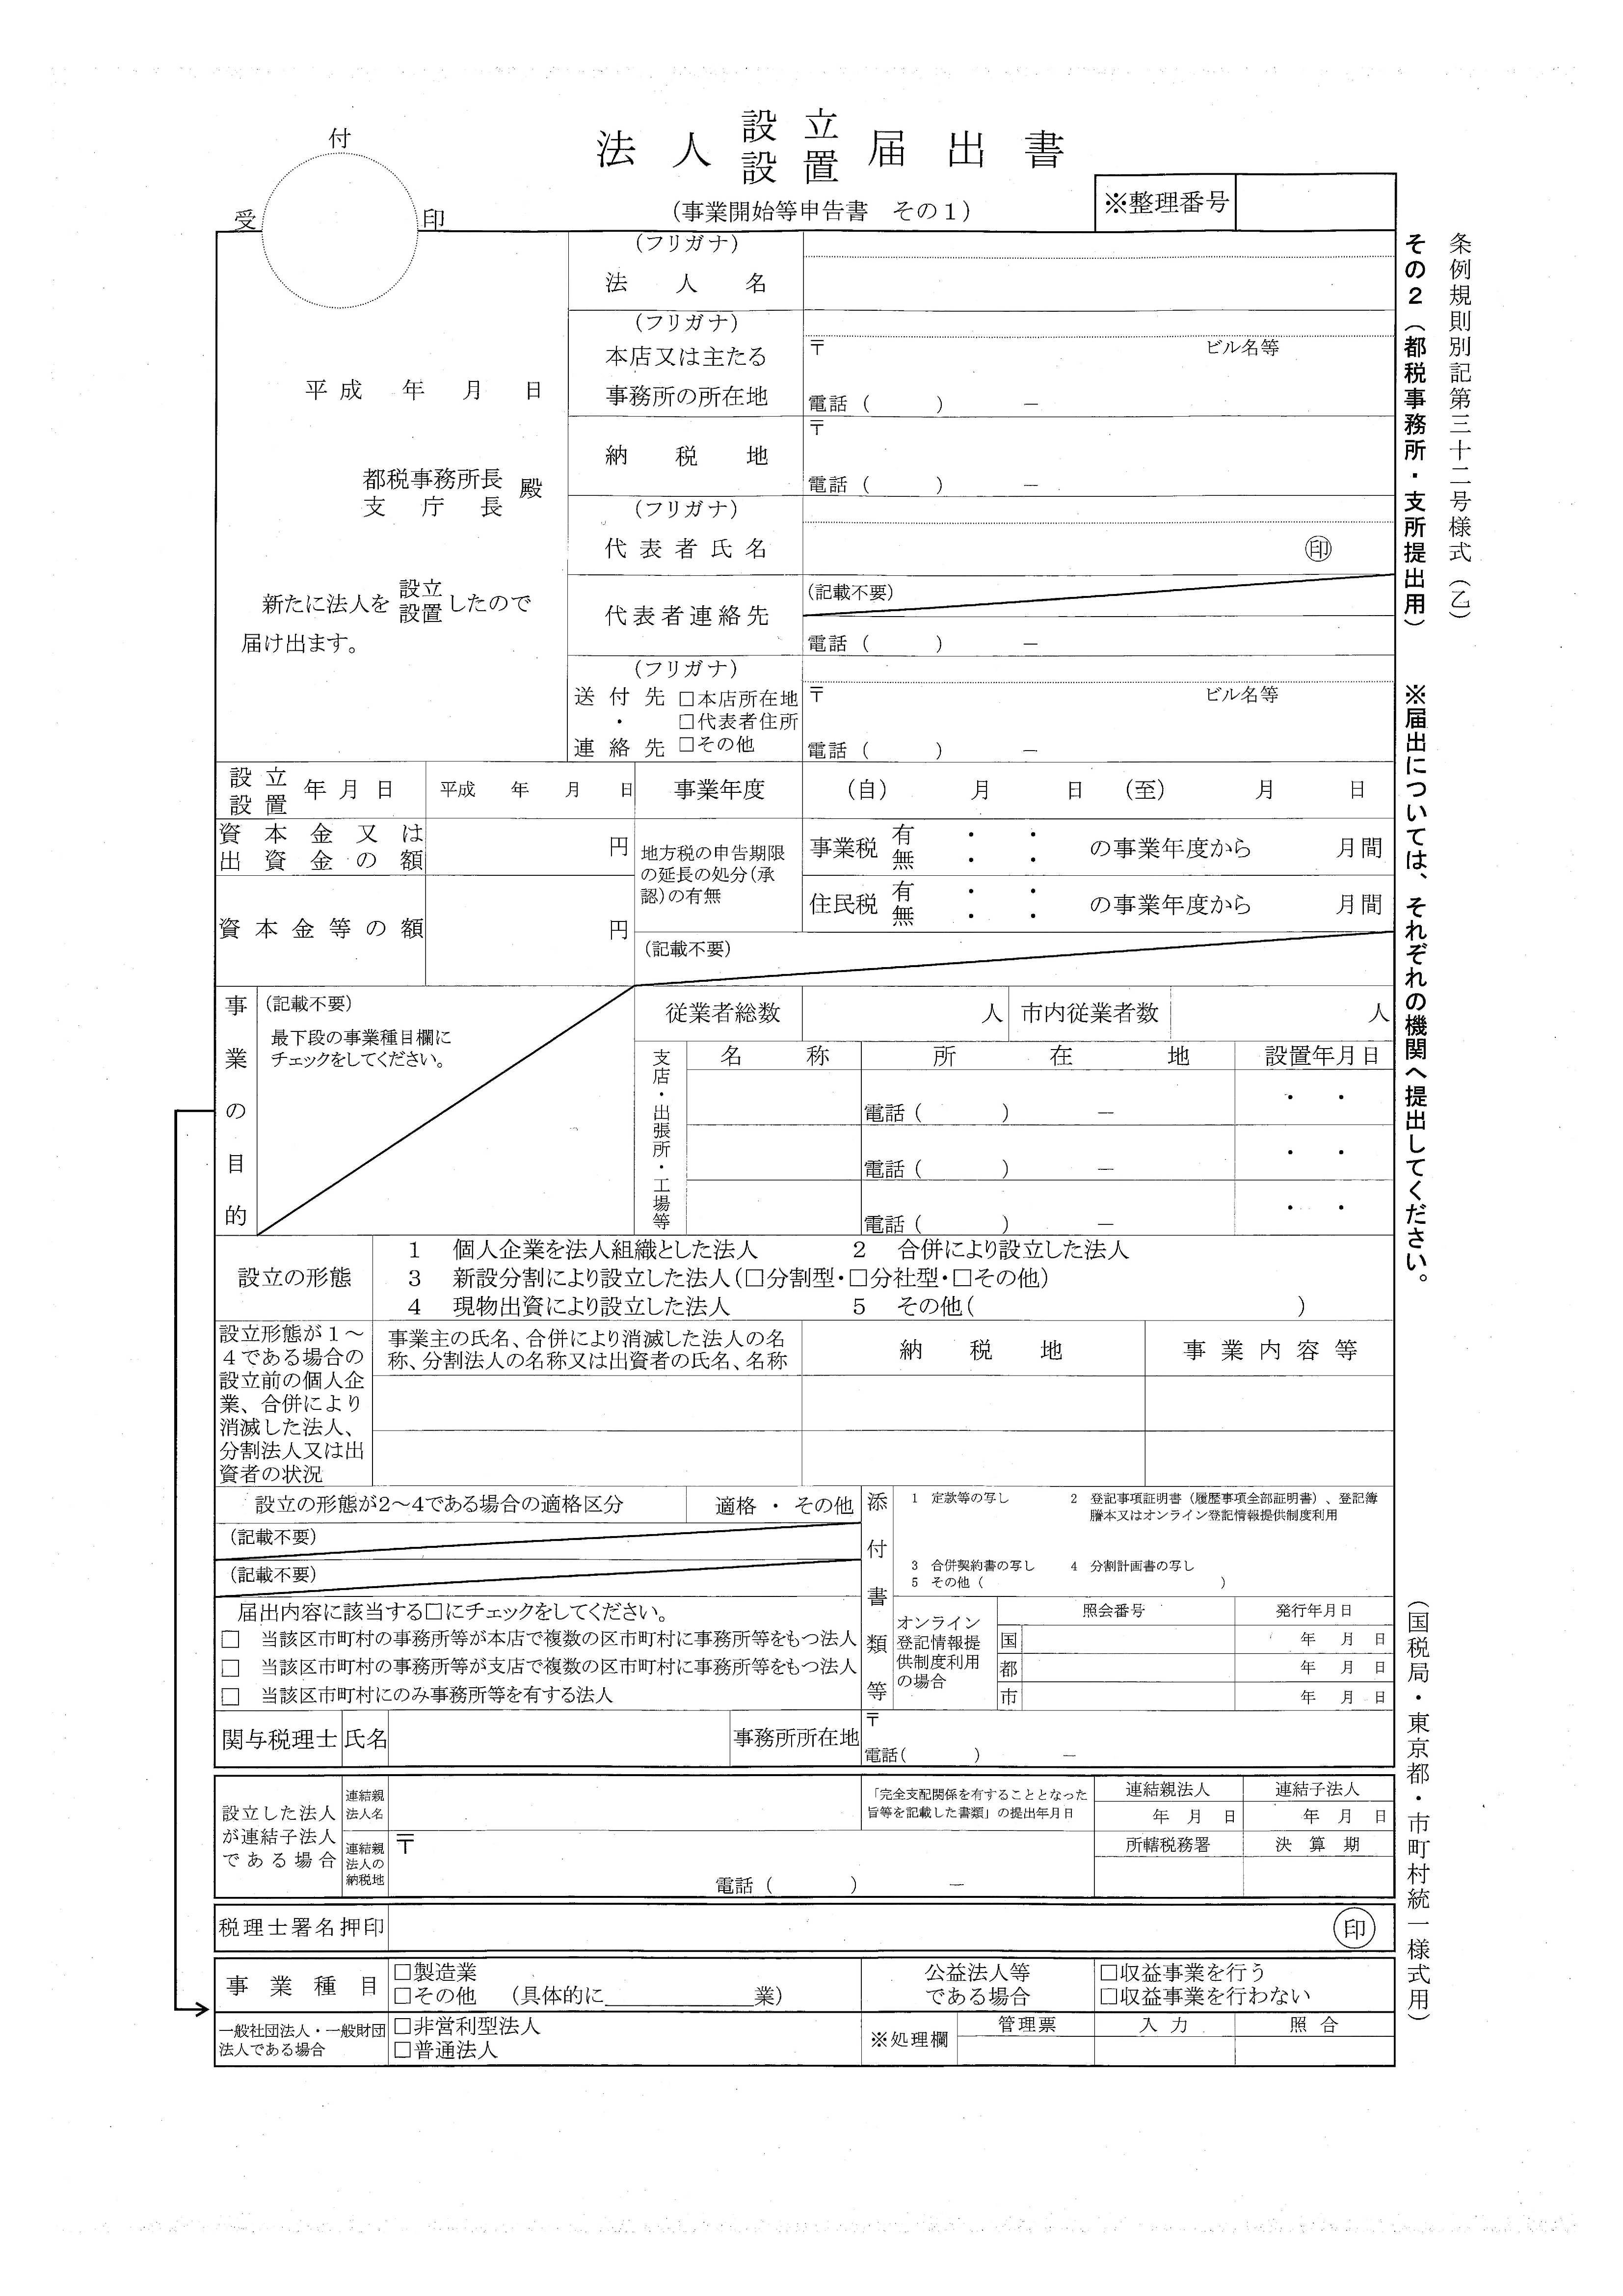 法人設立届出書(都税事務所).jpg